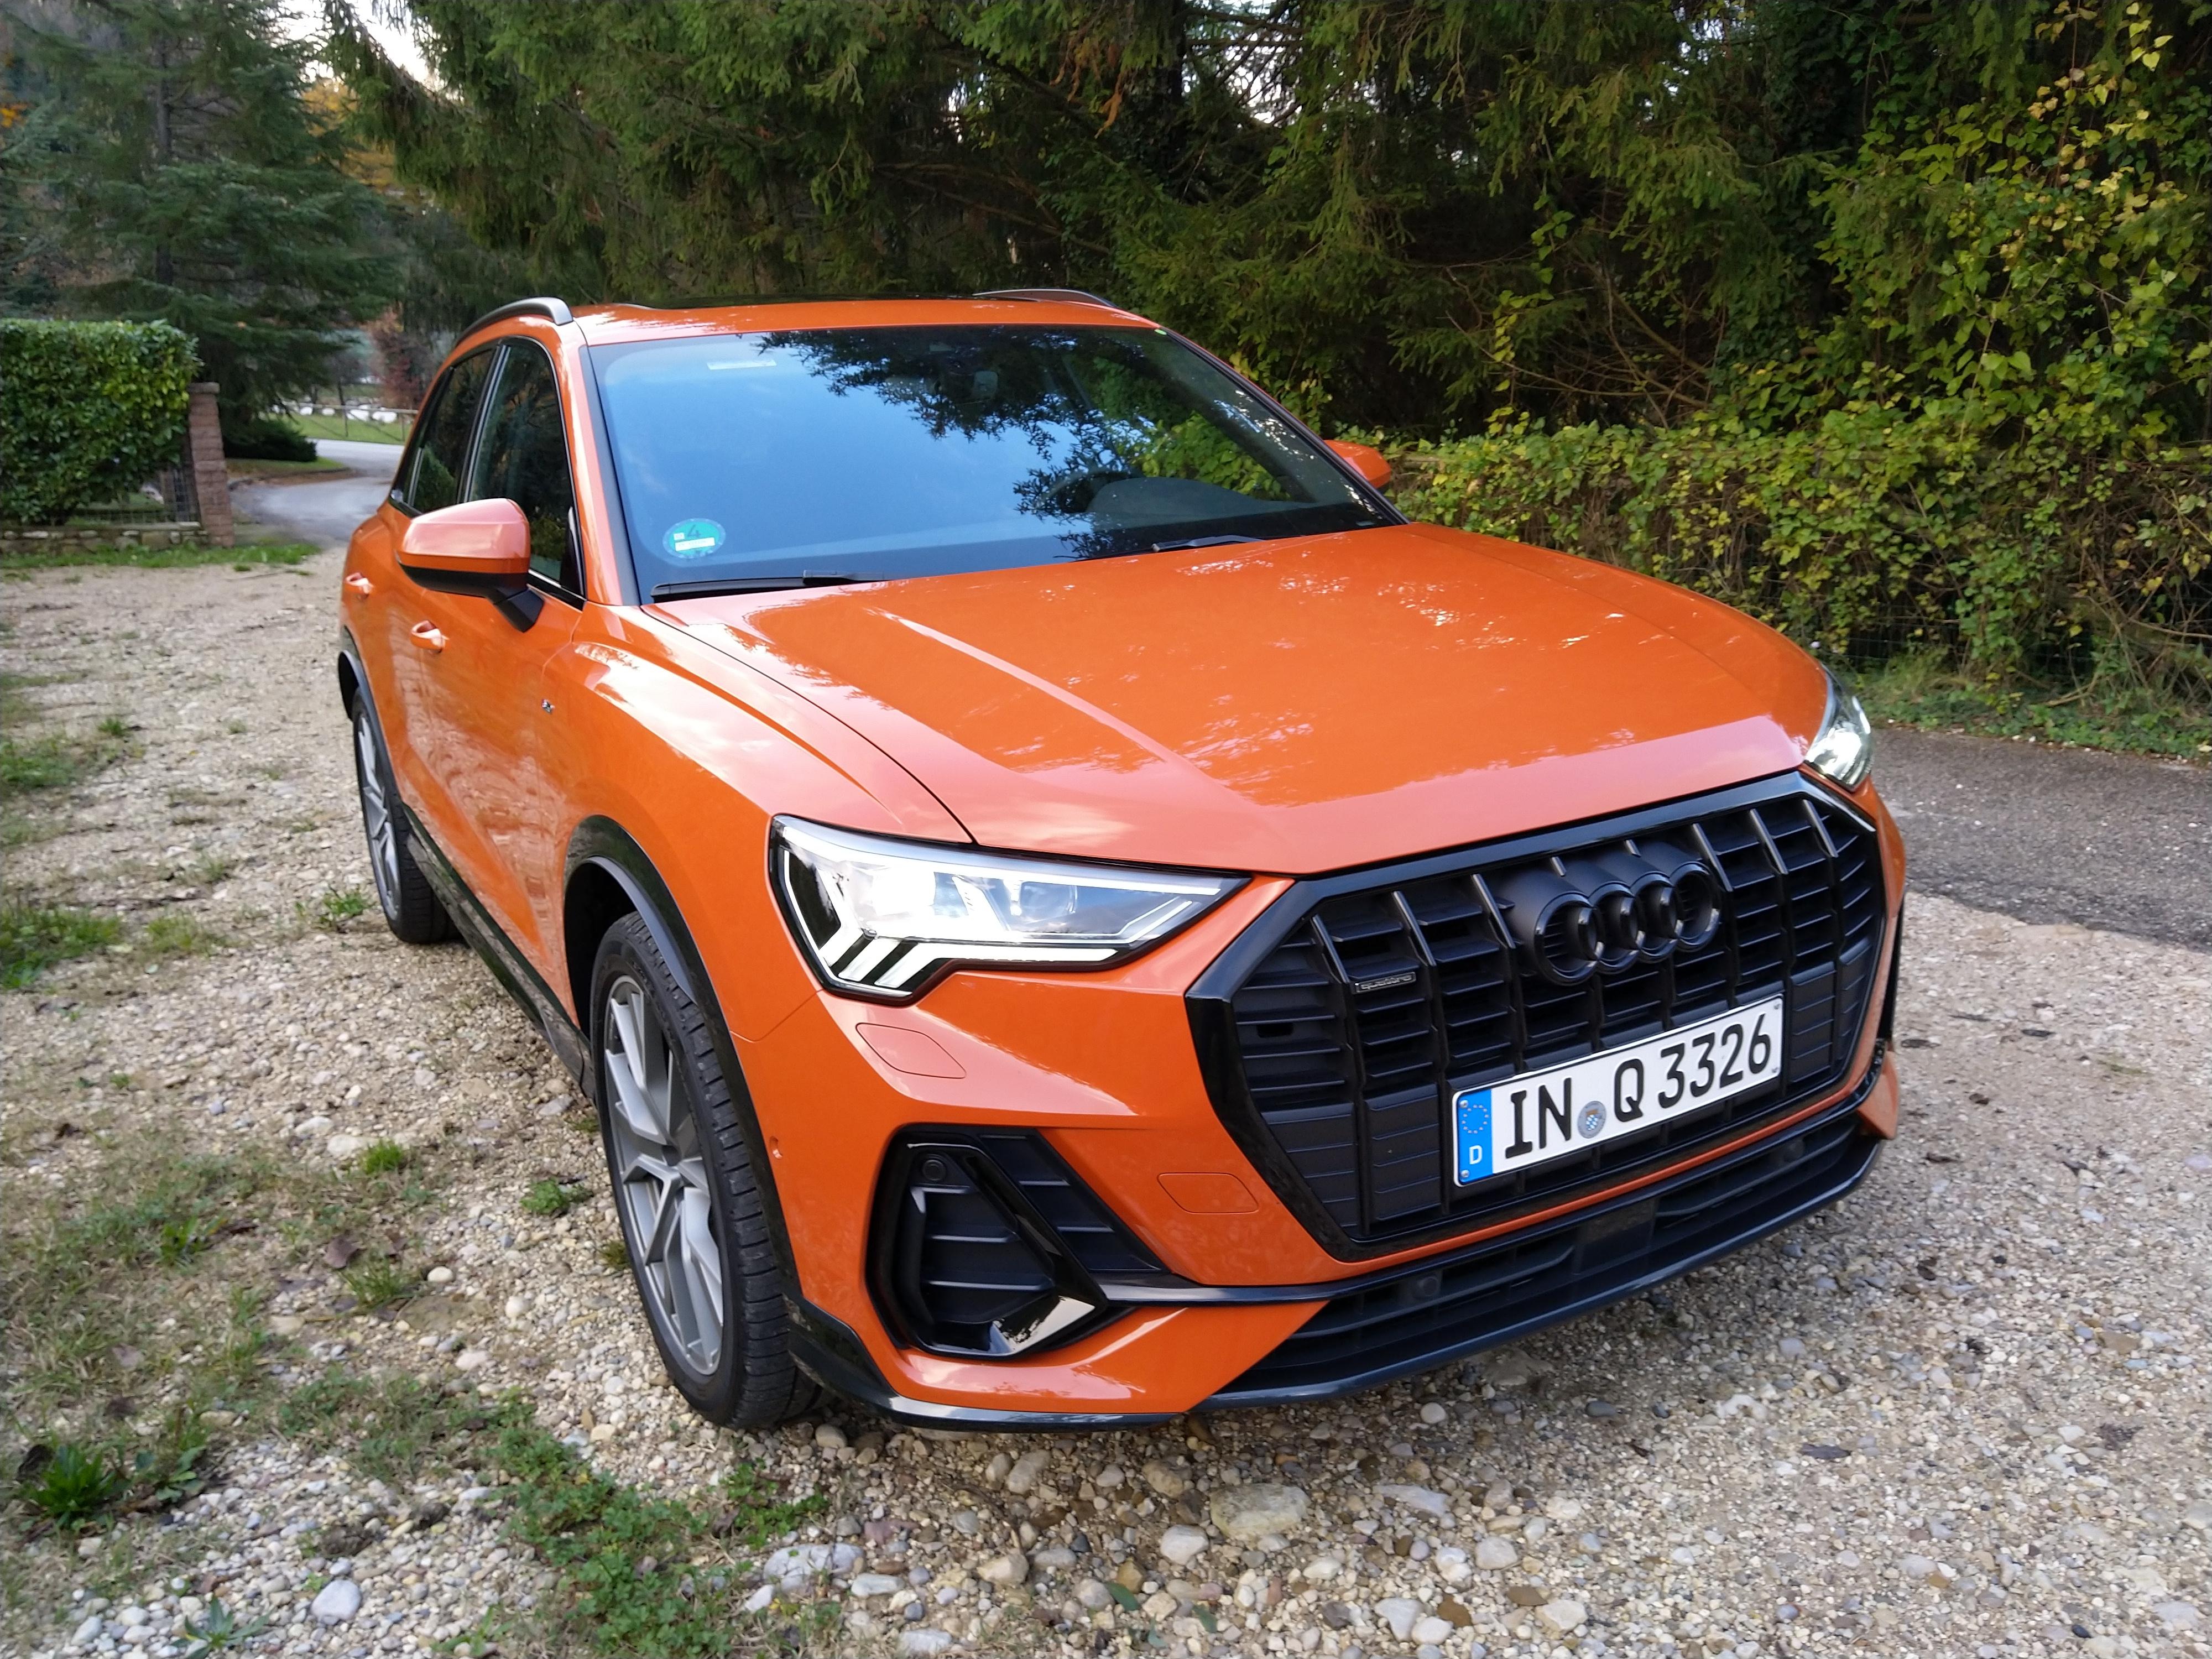 Nuova Audi Q3 Inizia La Commercializzazione Con Tanta Tecnologia A